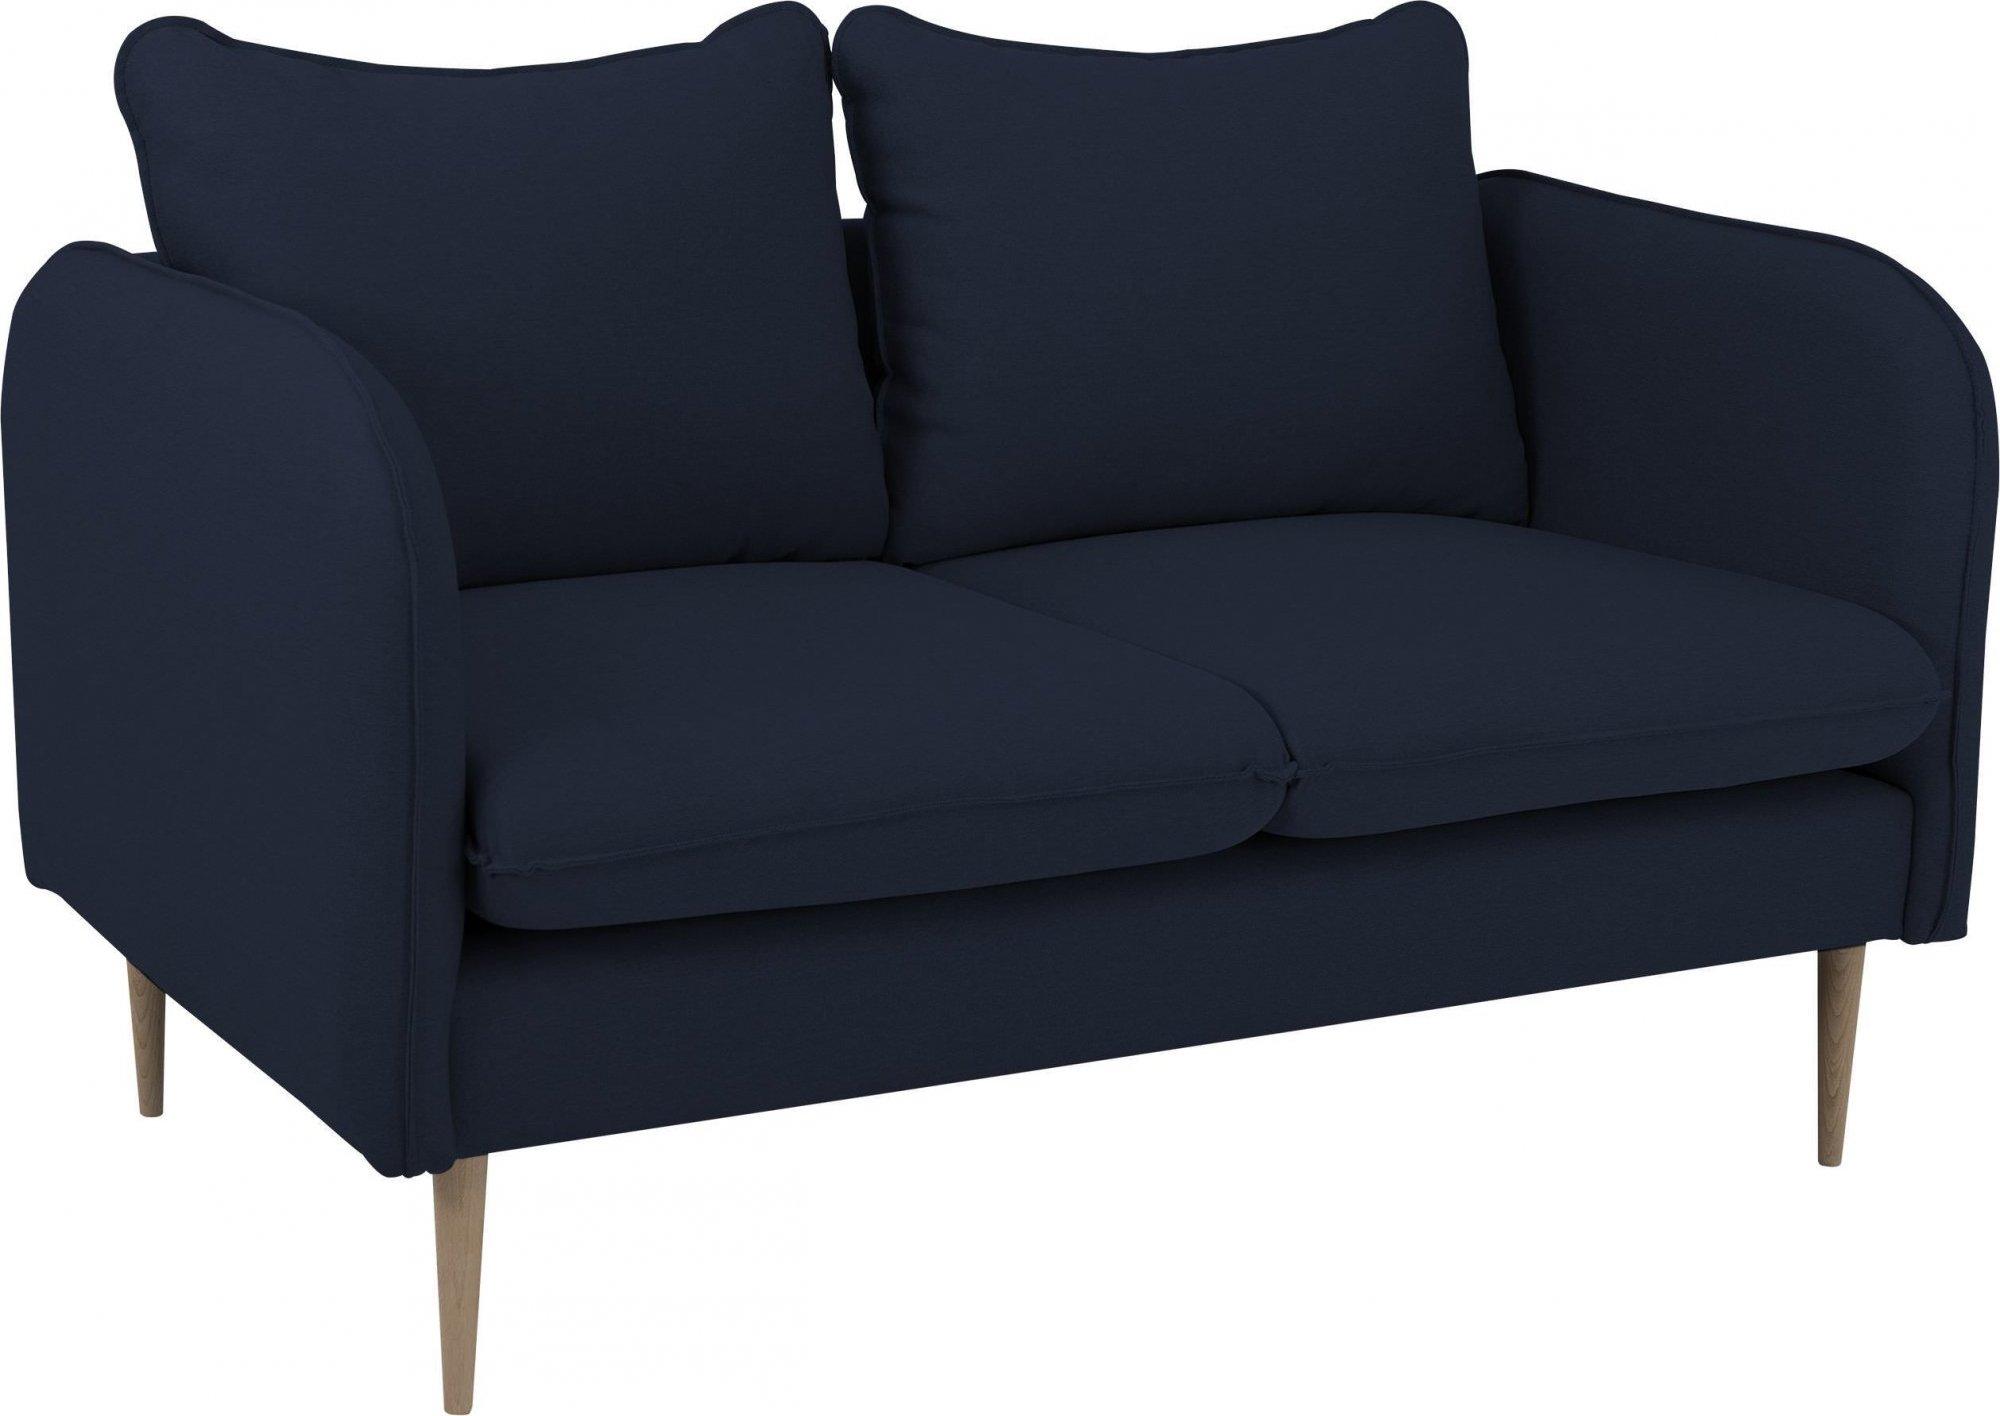 Canapé tissu 2 places bleu encre h45cm